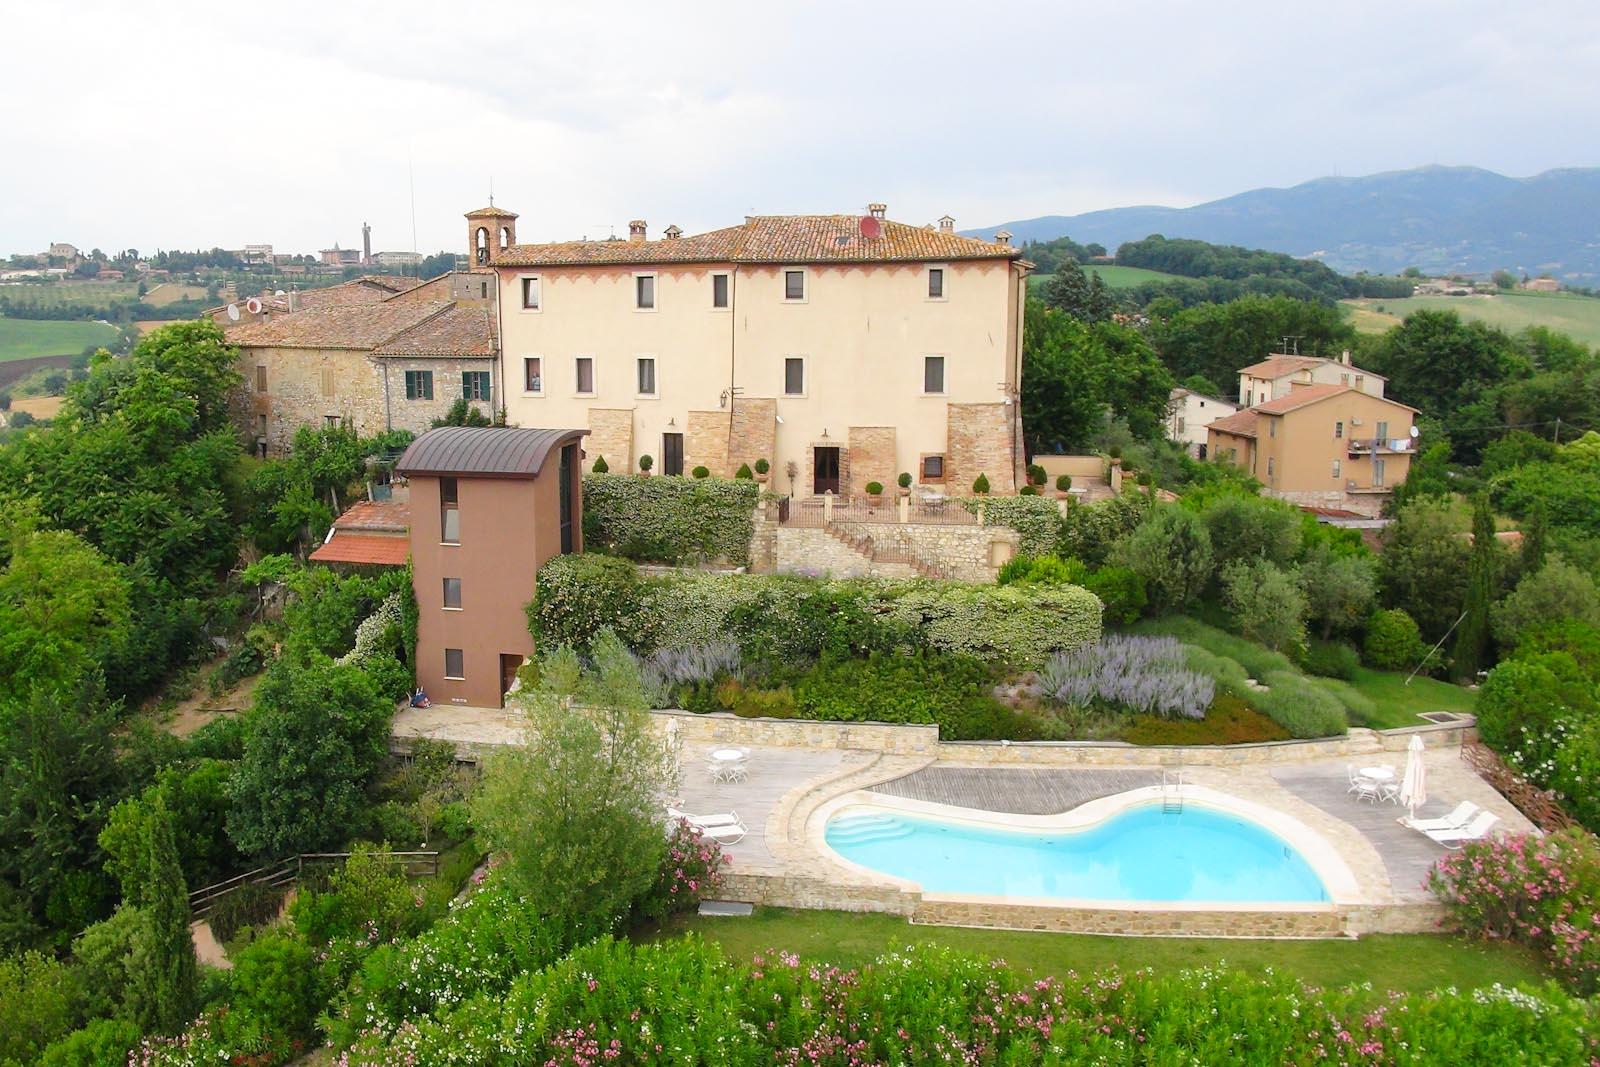 Il prestigioso castello storico in vendita finemente restaurato in posizione panoramica vicino a Todi in Umbria